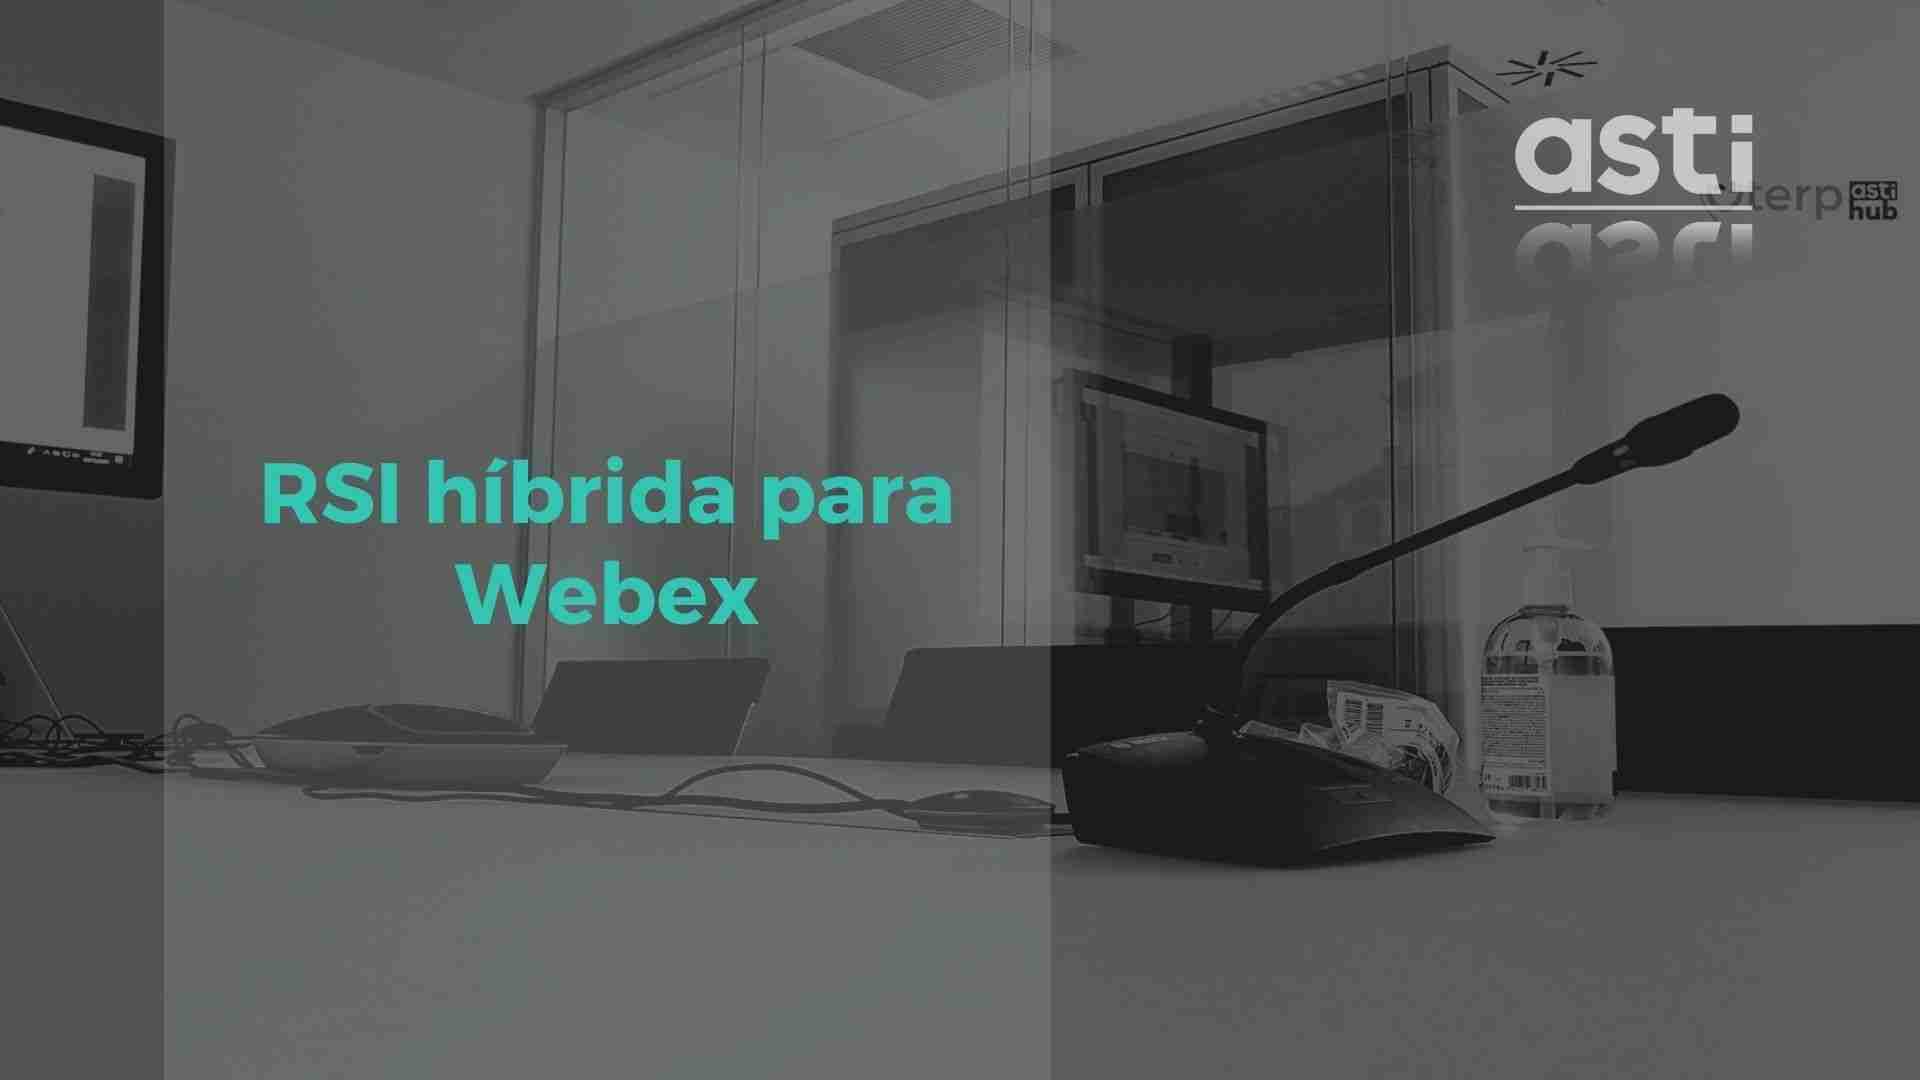 traduccion simultanea remota hibrida para webex